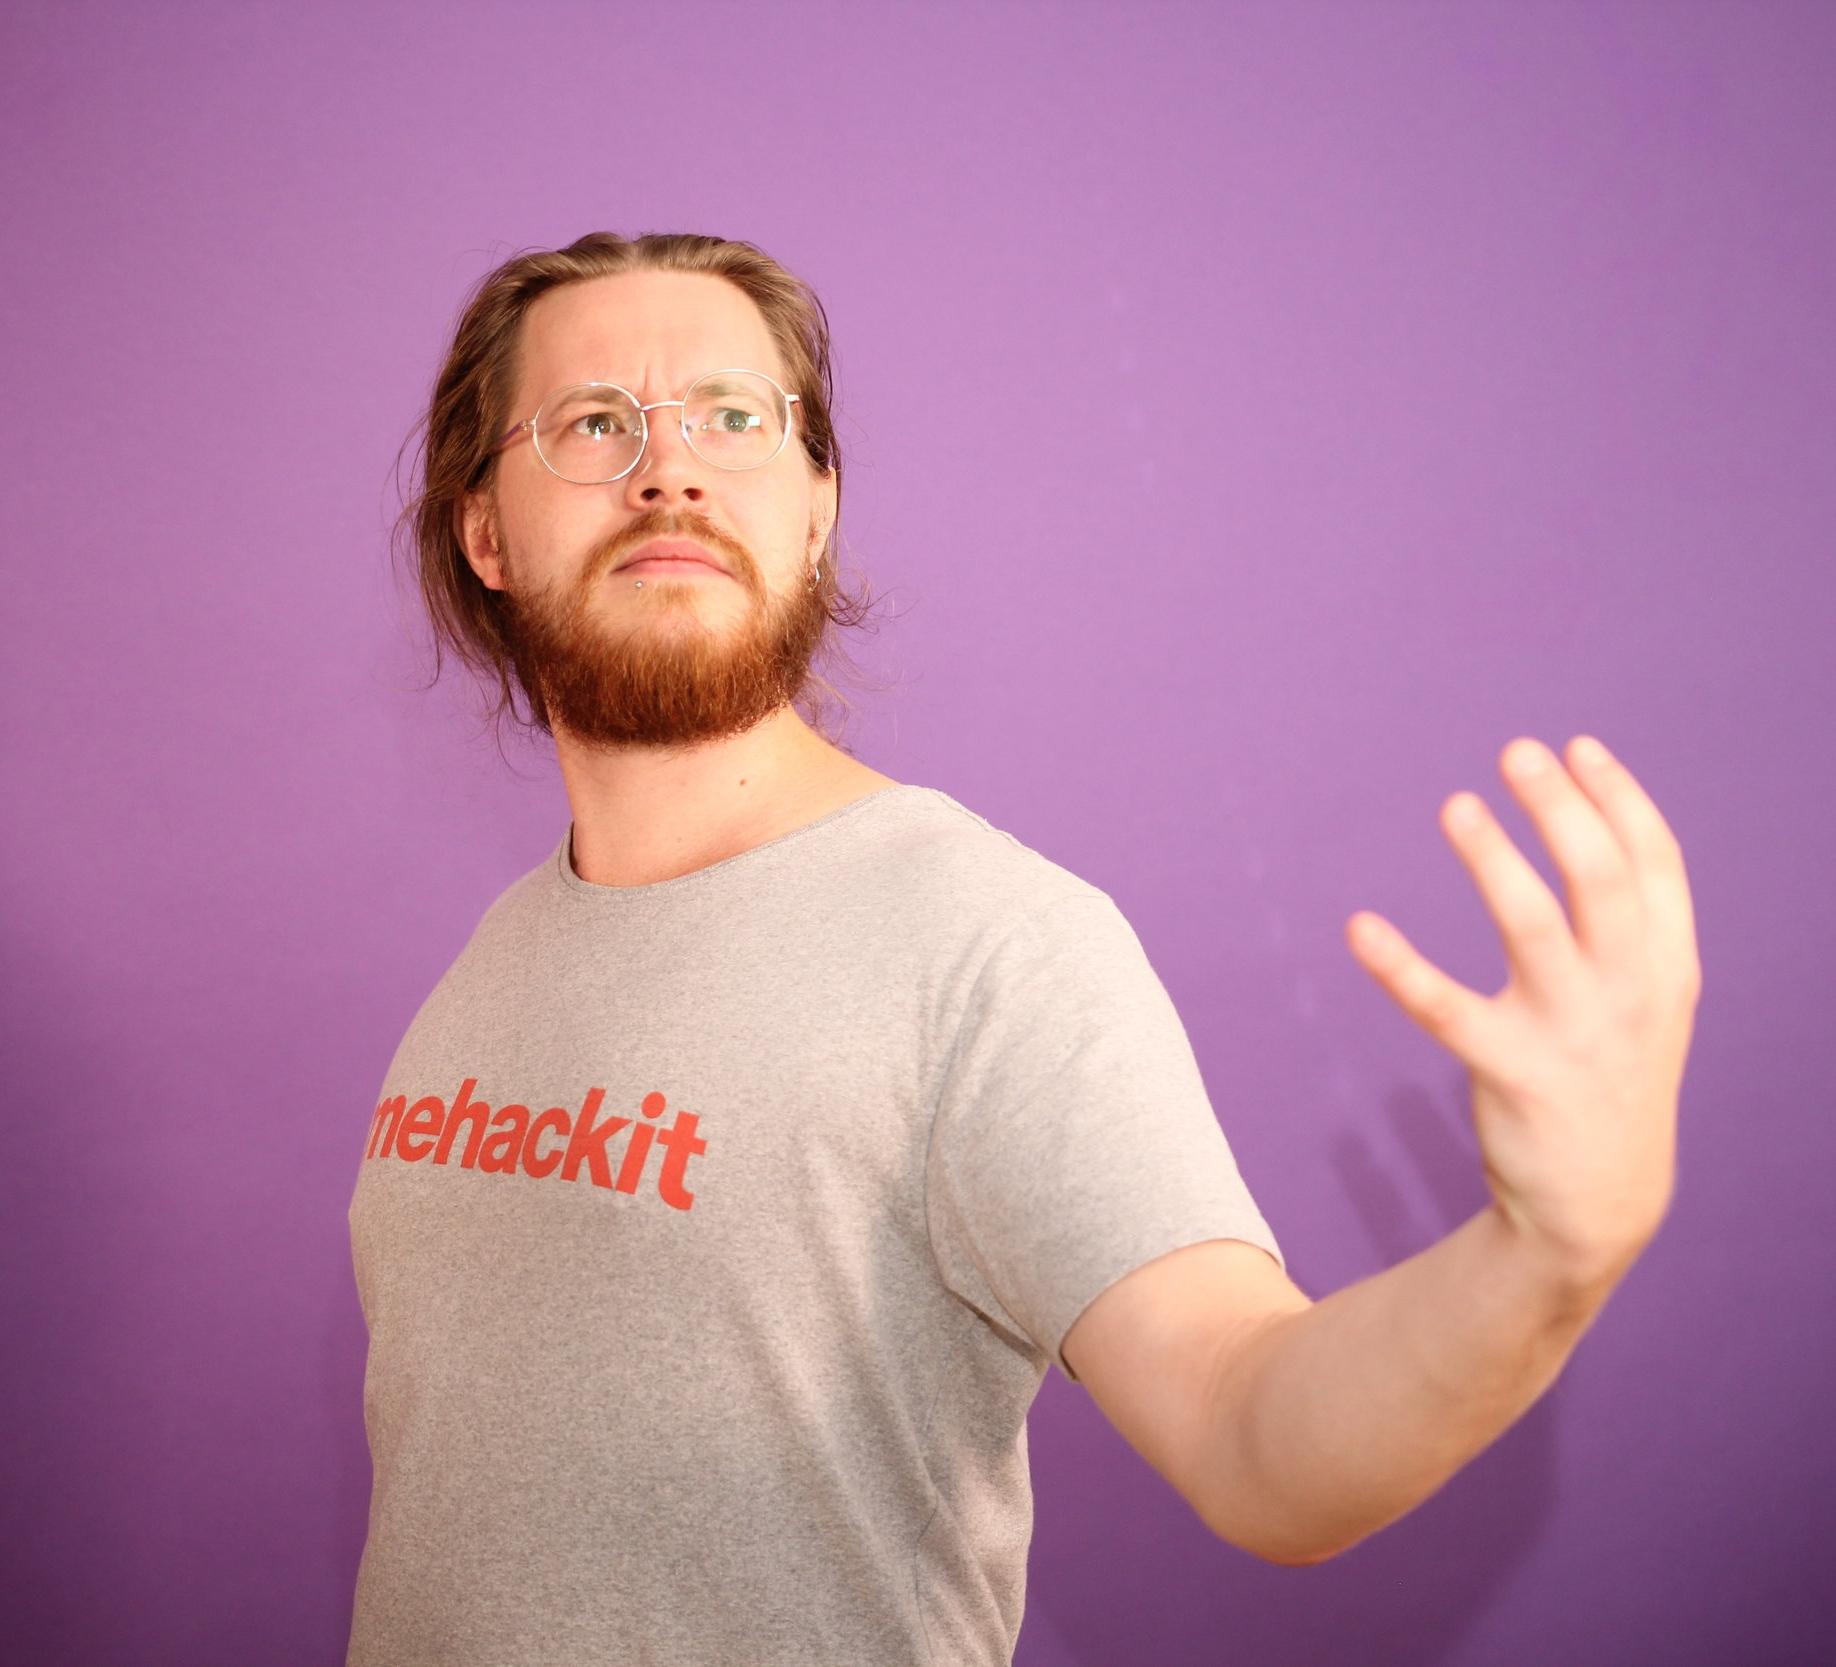 Antti Suomalainen   CAO & Noisemaker  antti@mehackit.org